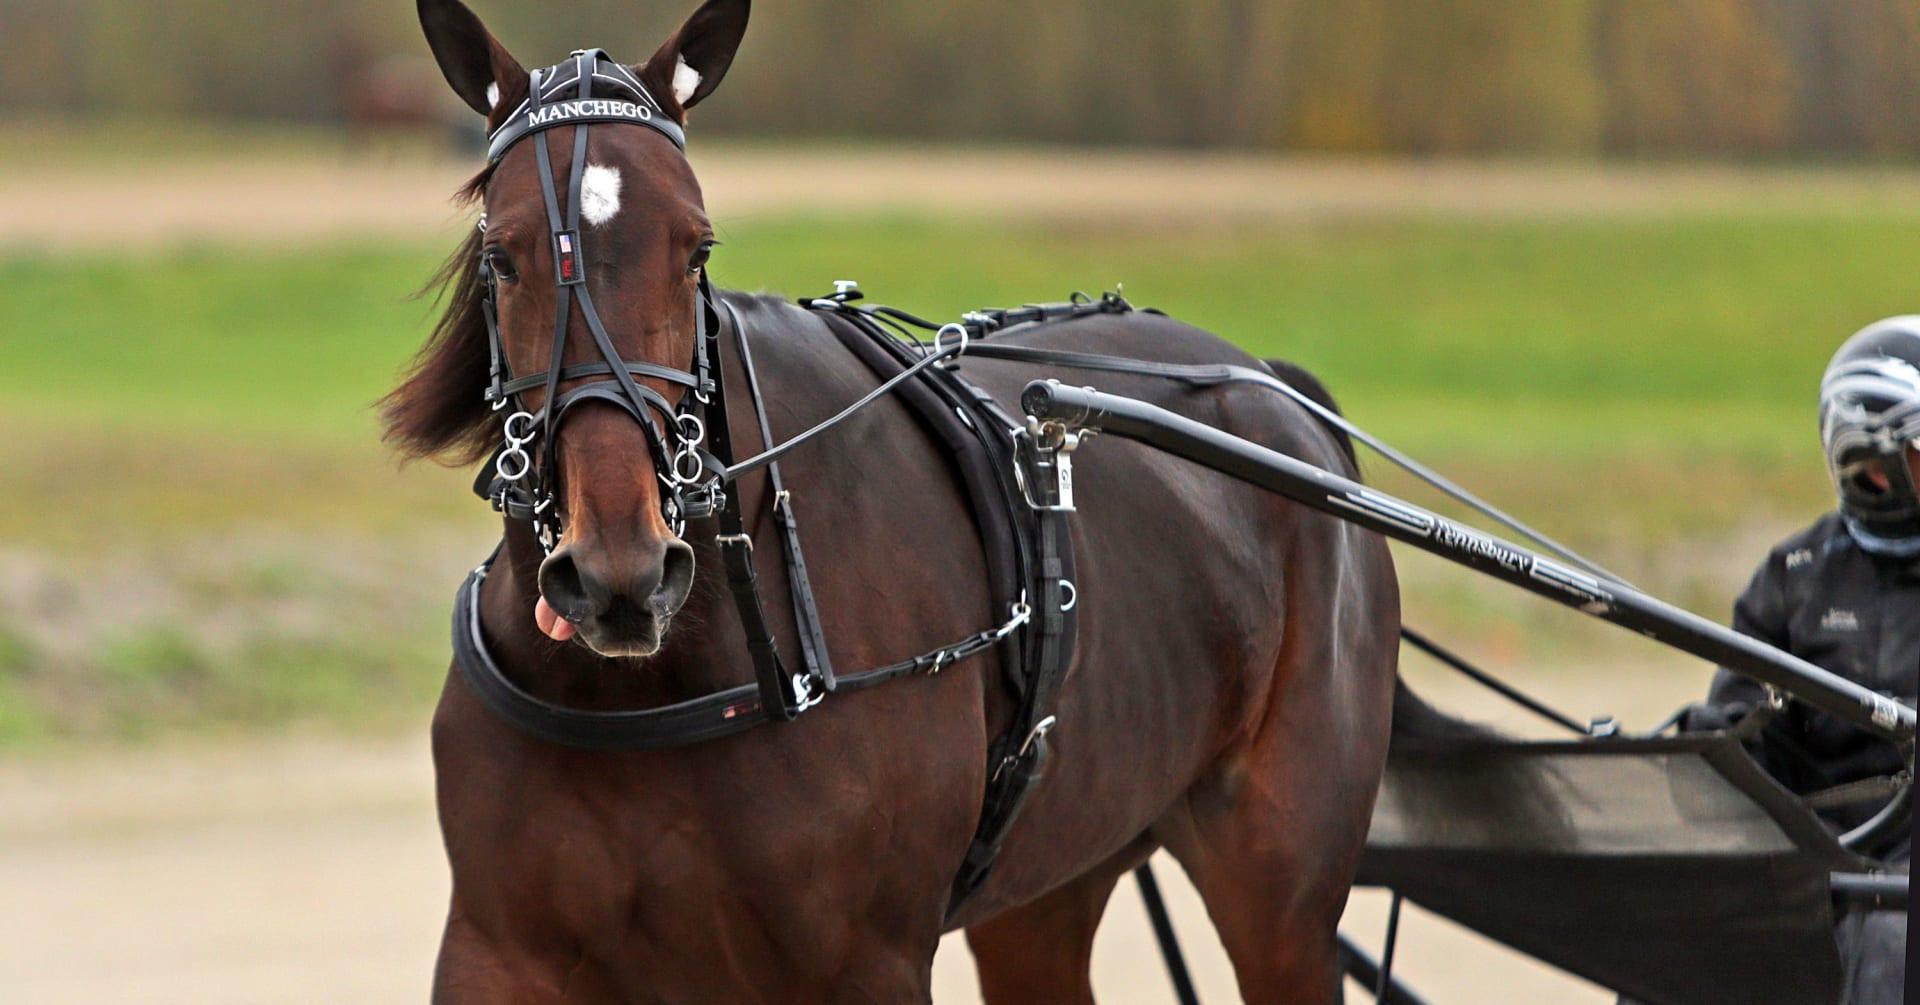 Kval på Meadowlands – då glänste svenskarnas hästar